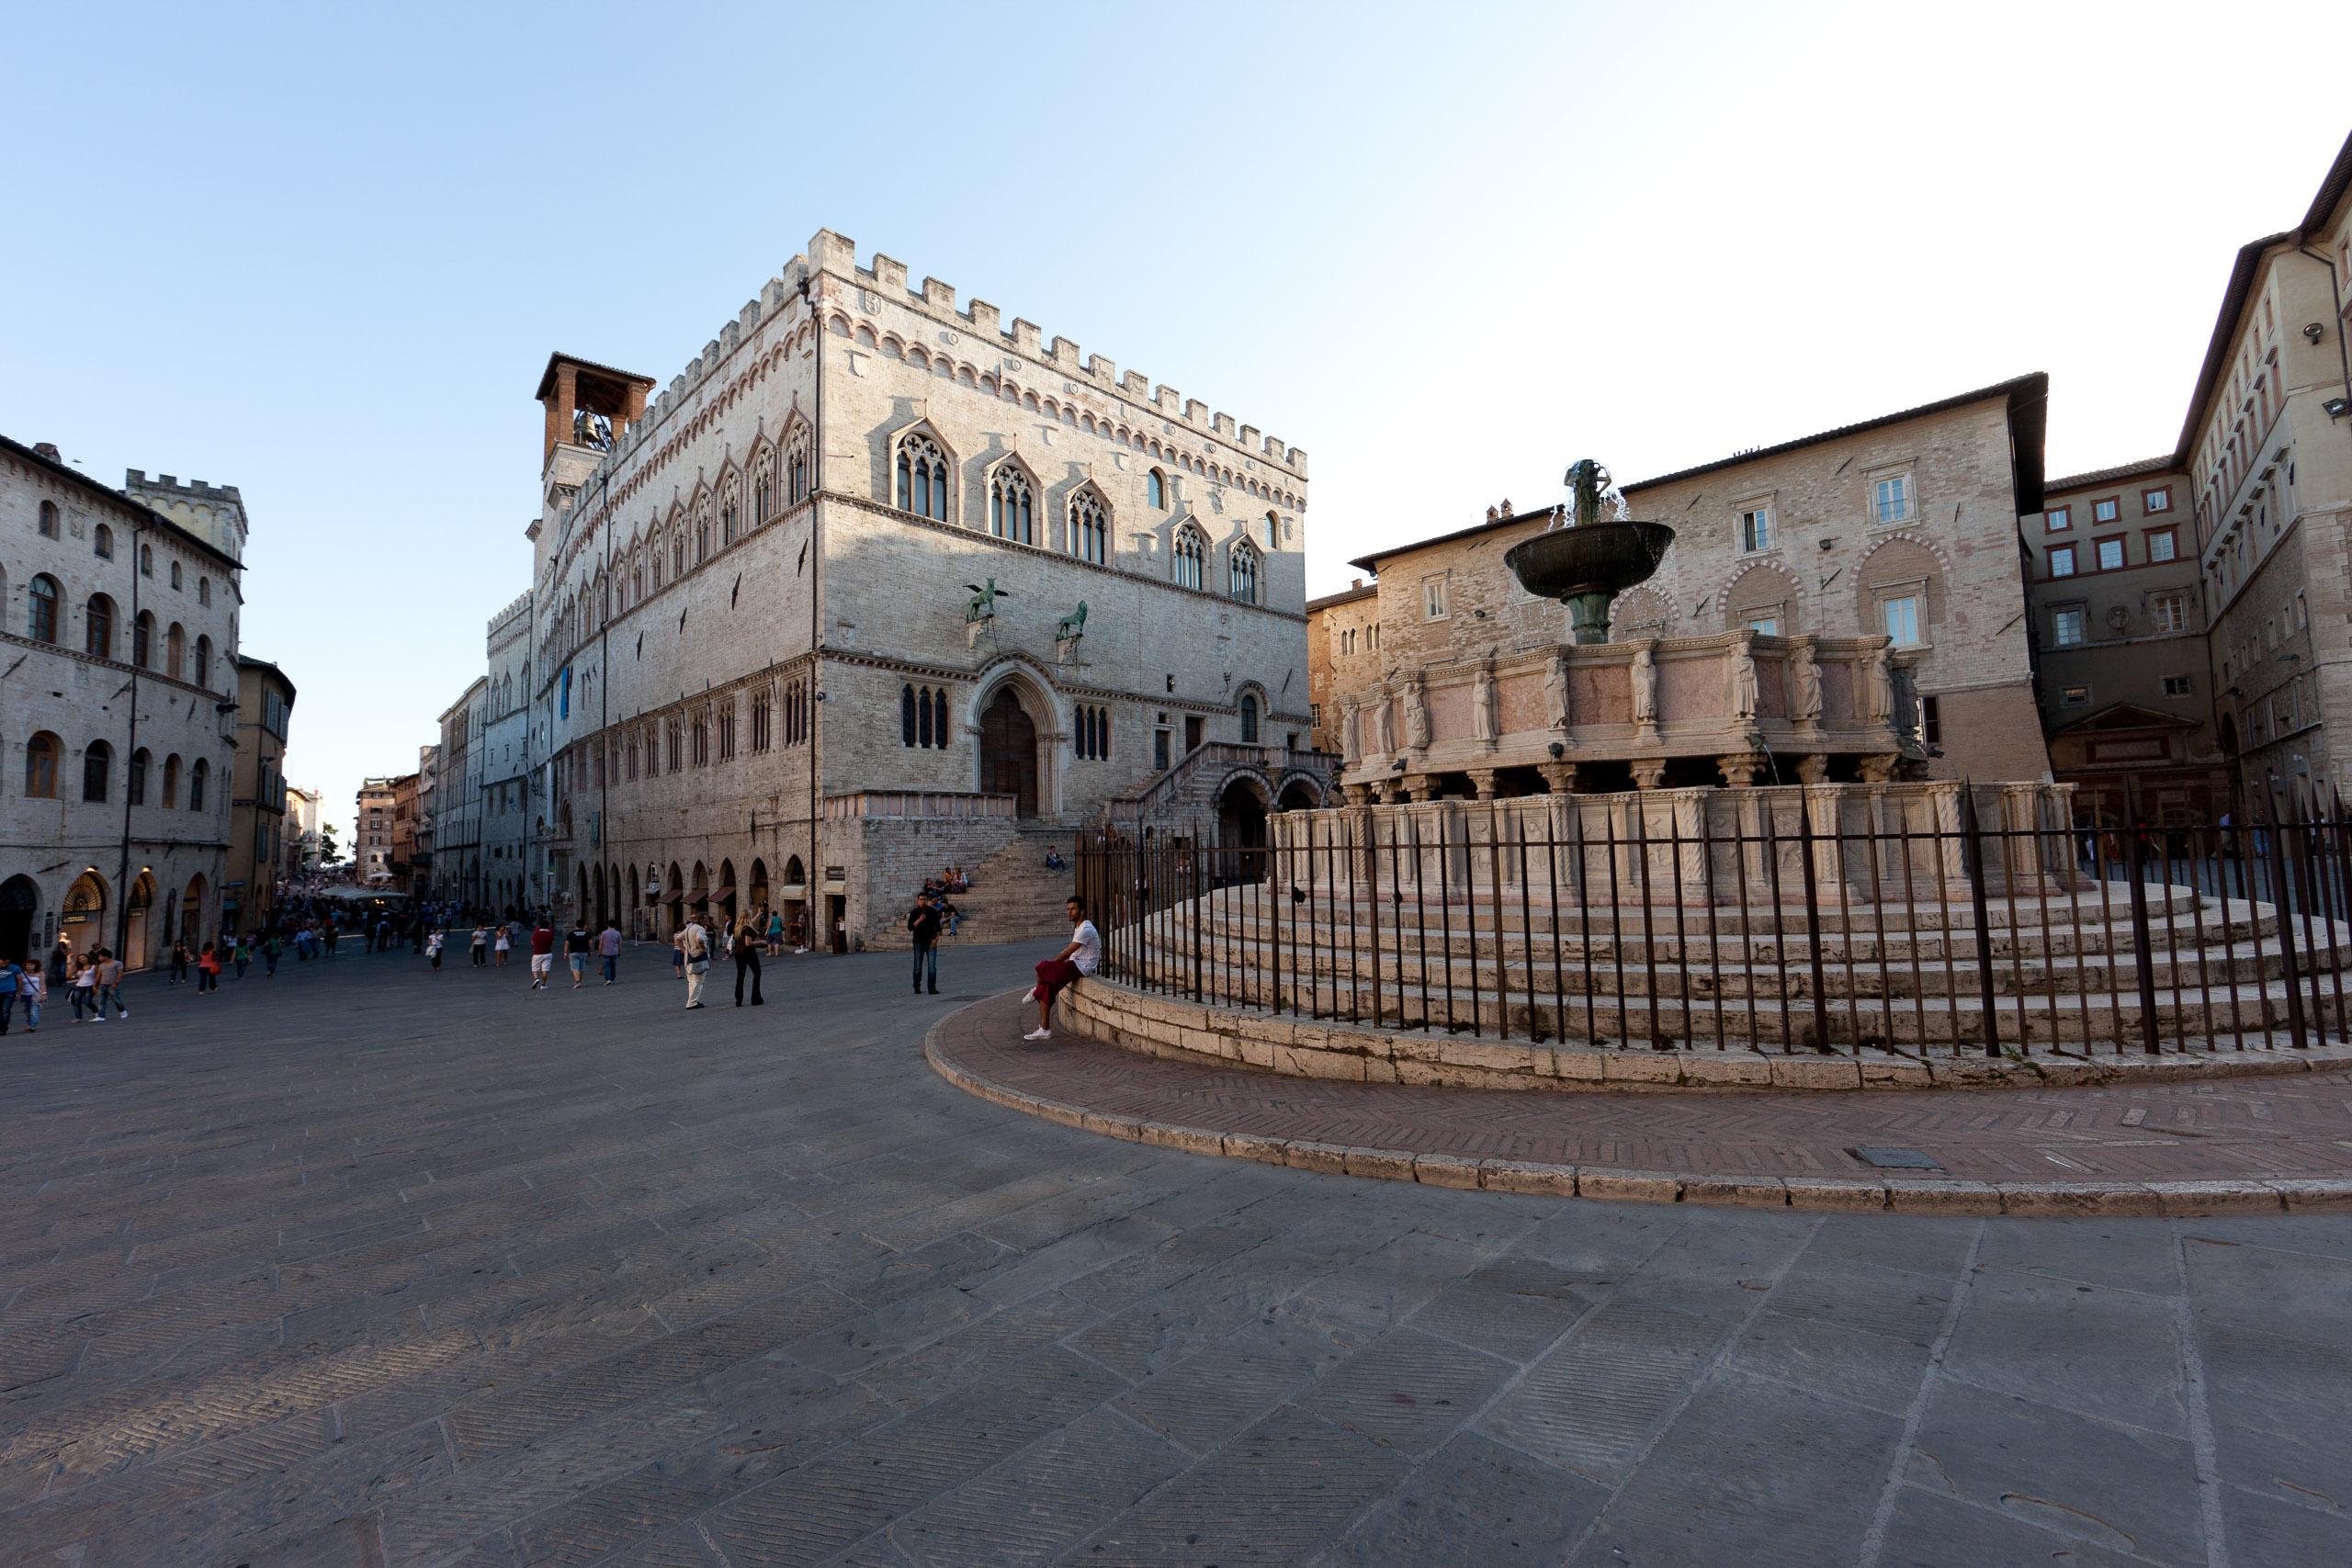 Palazzo dei Priori - Articity